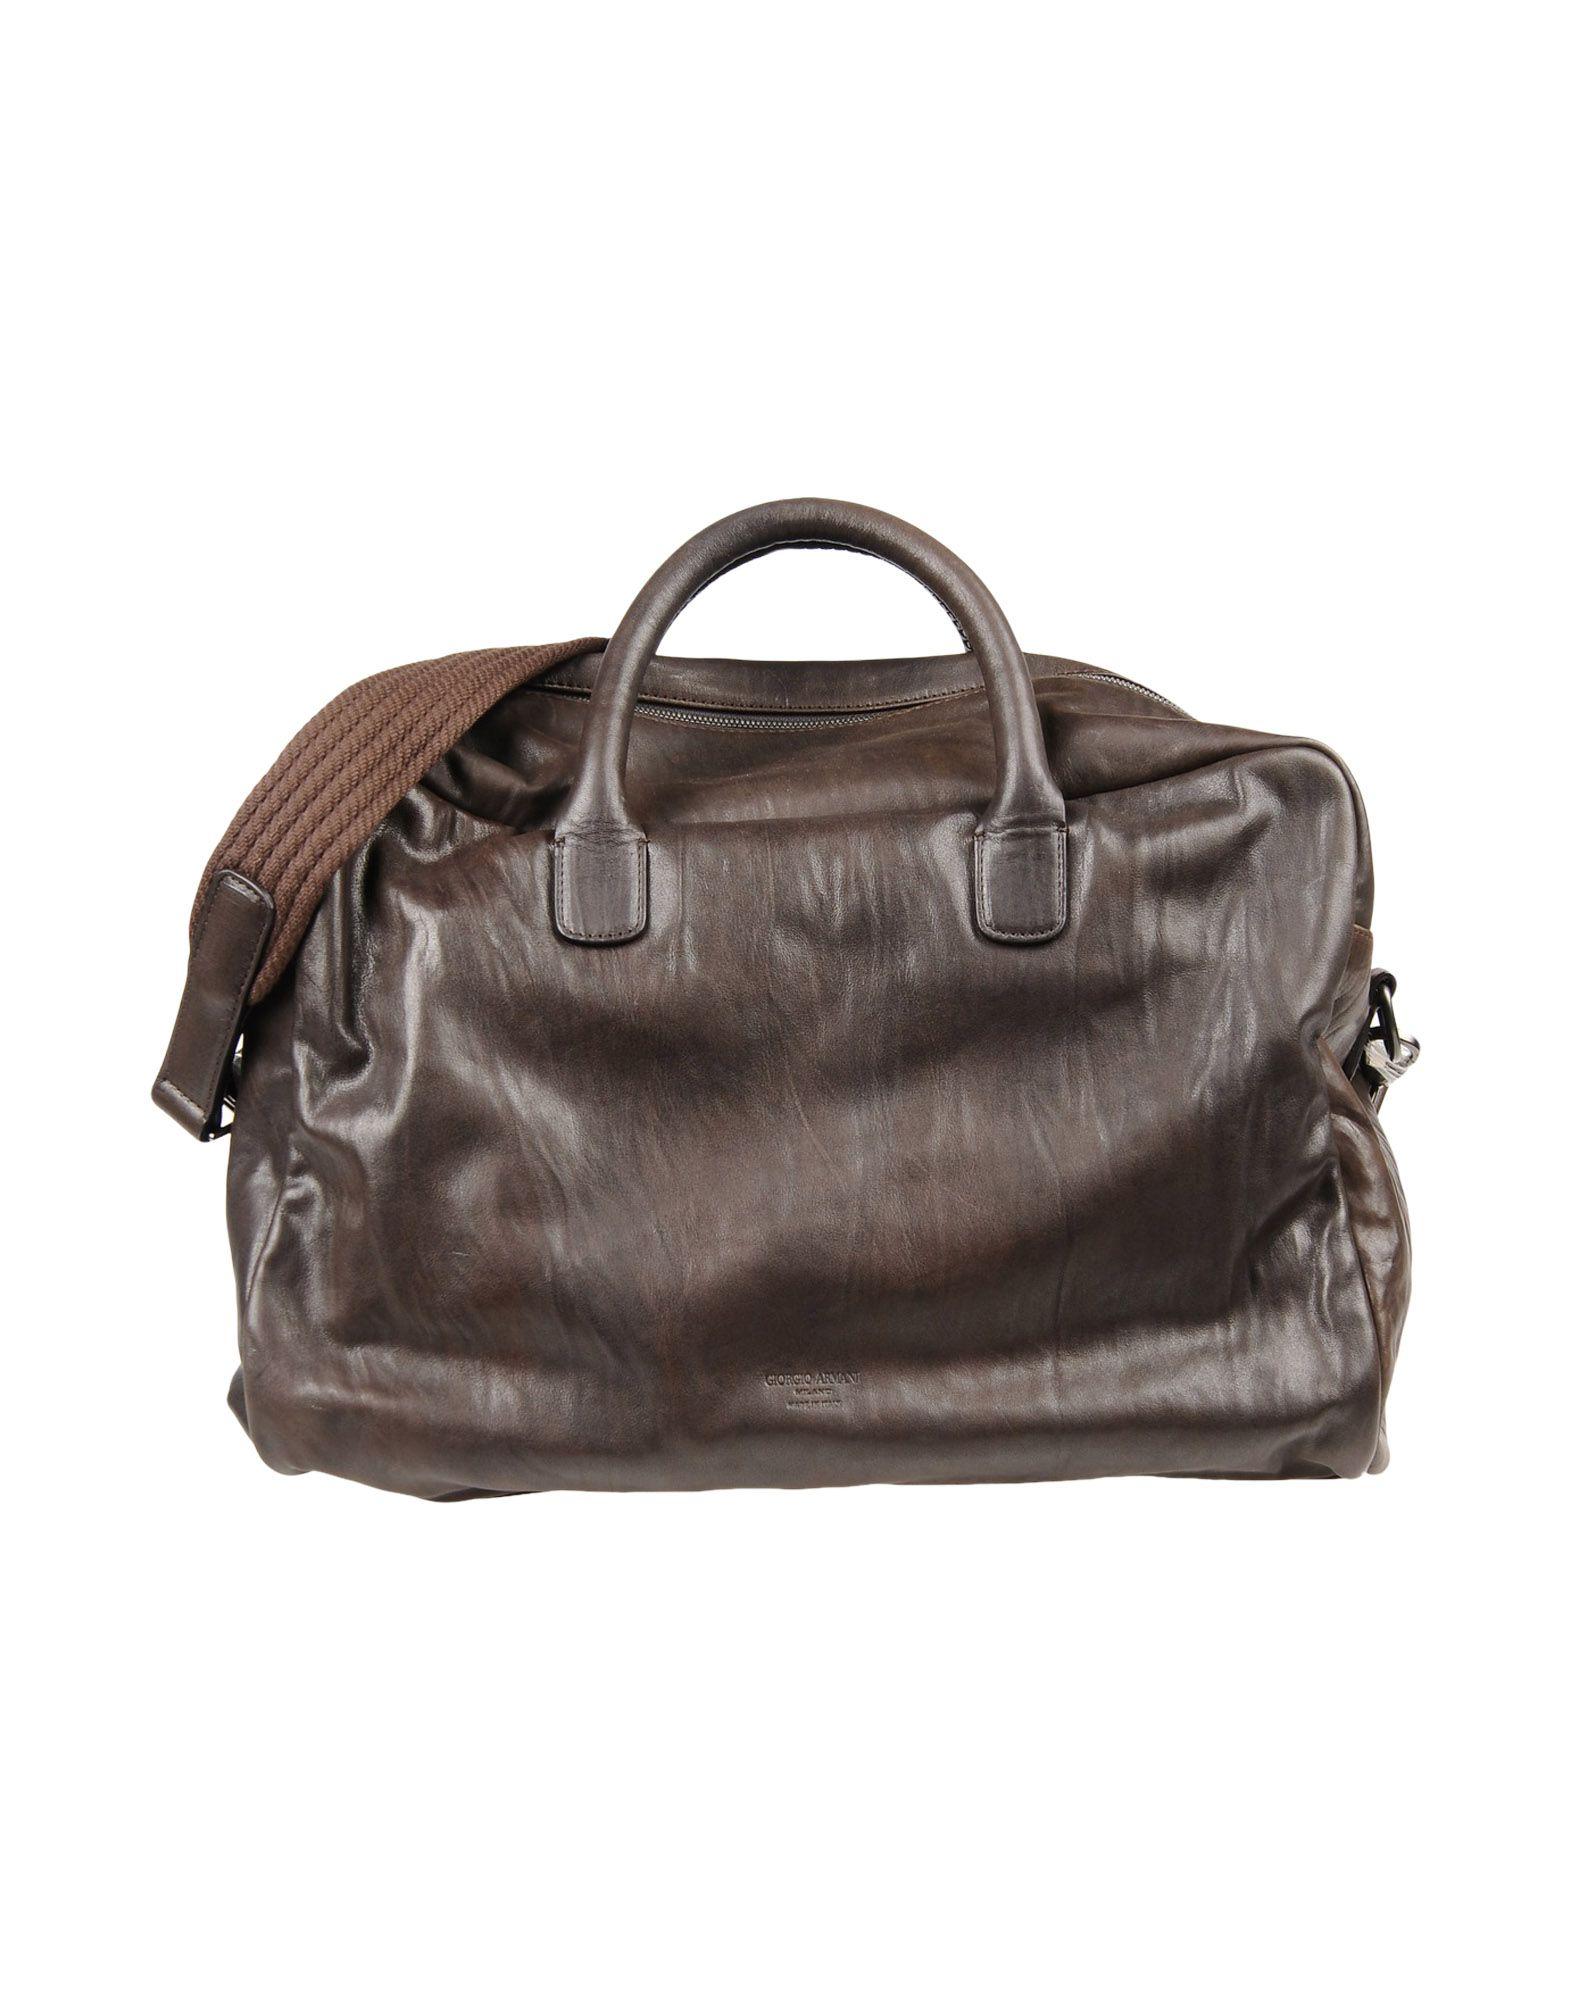 f0eecfaba51b Giorgio Armani Travel   Duffel Bag In Dark Brown